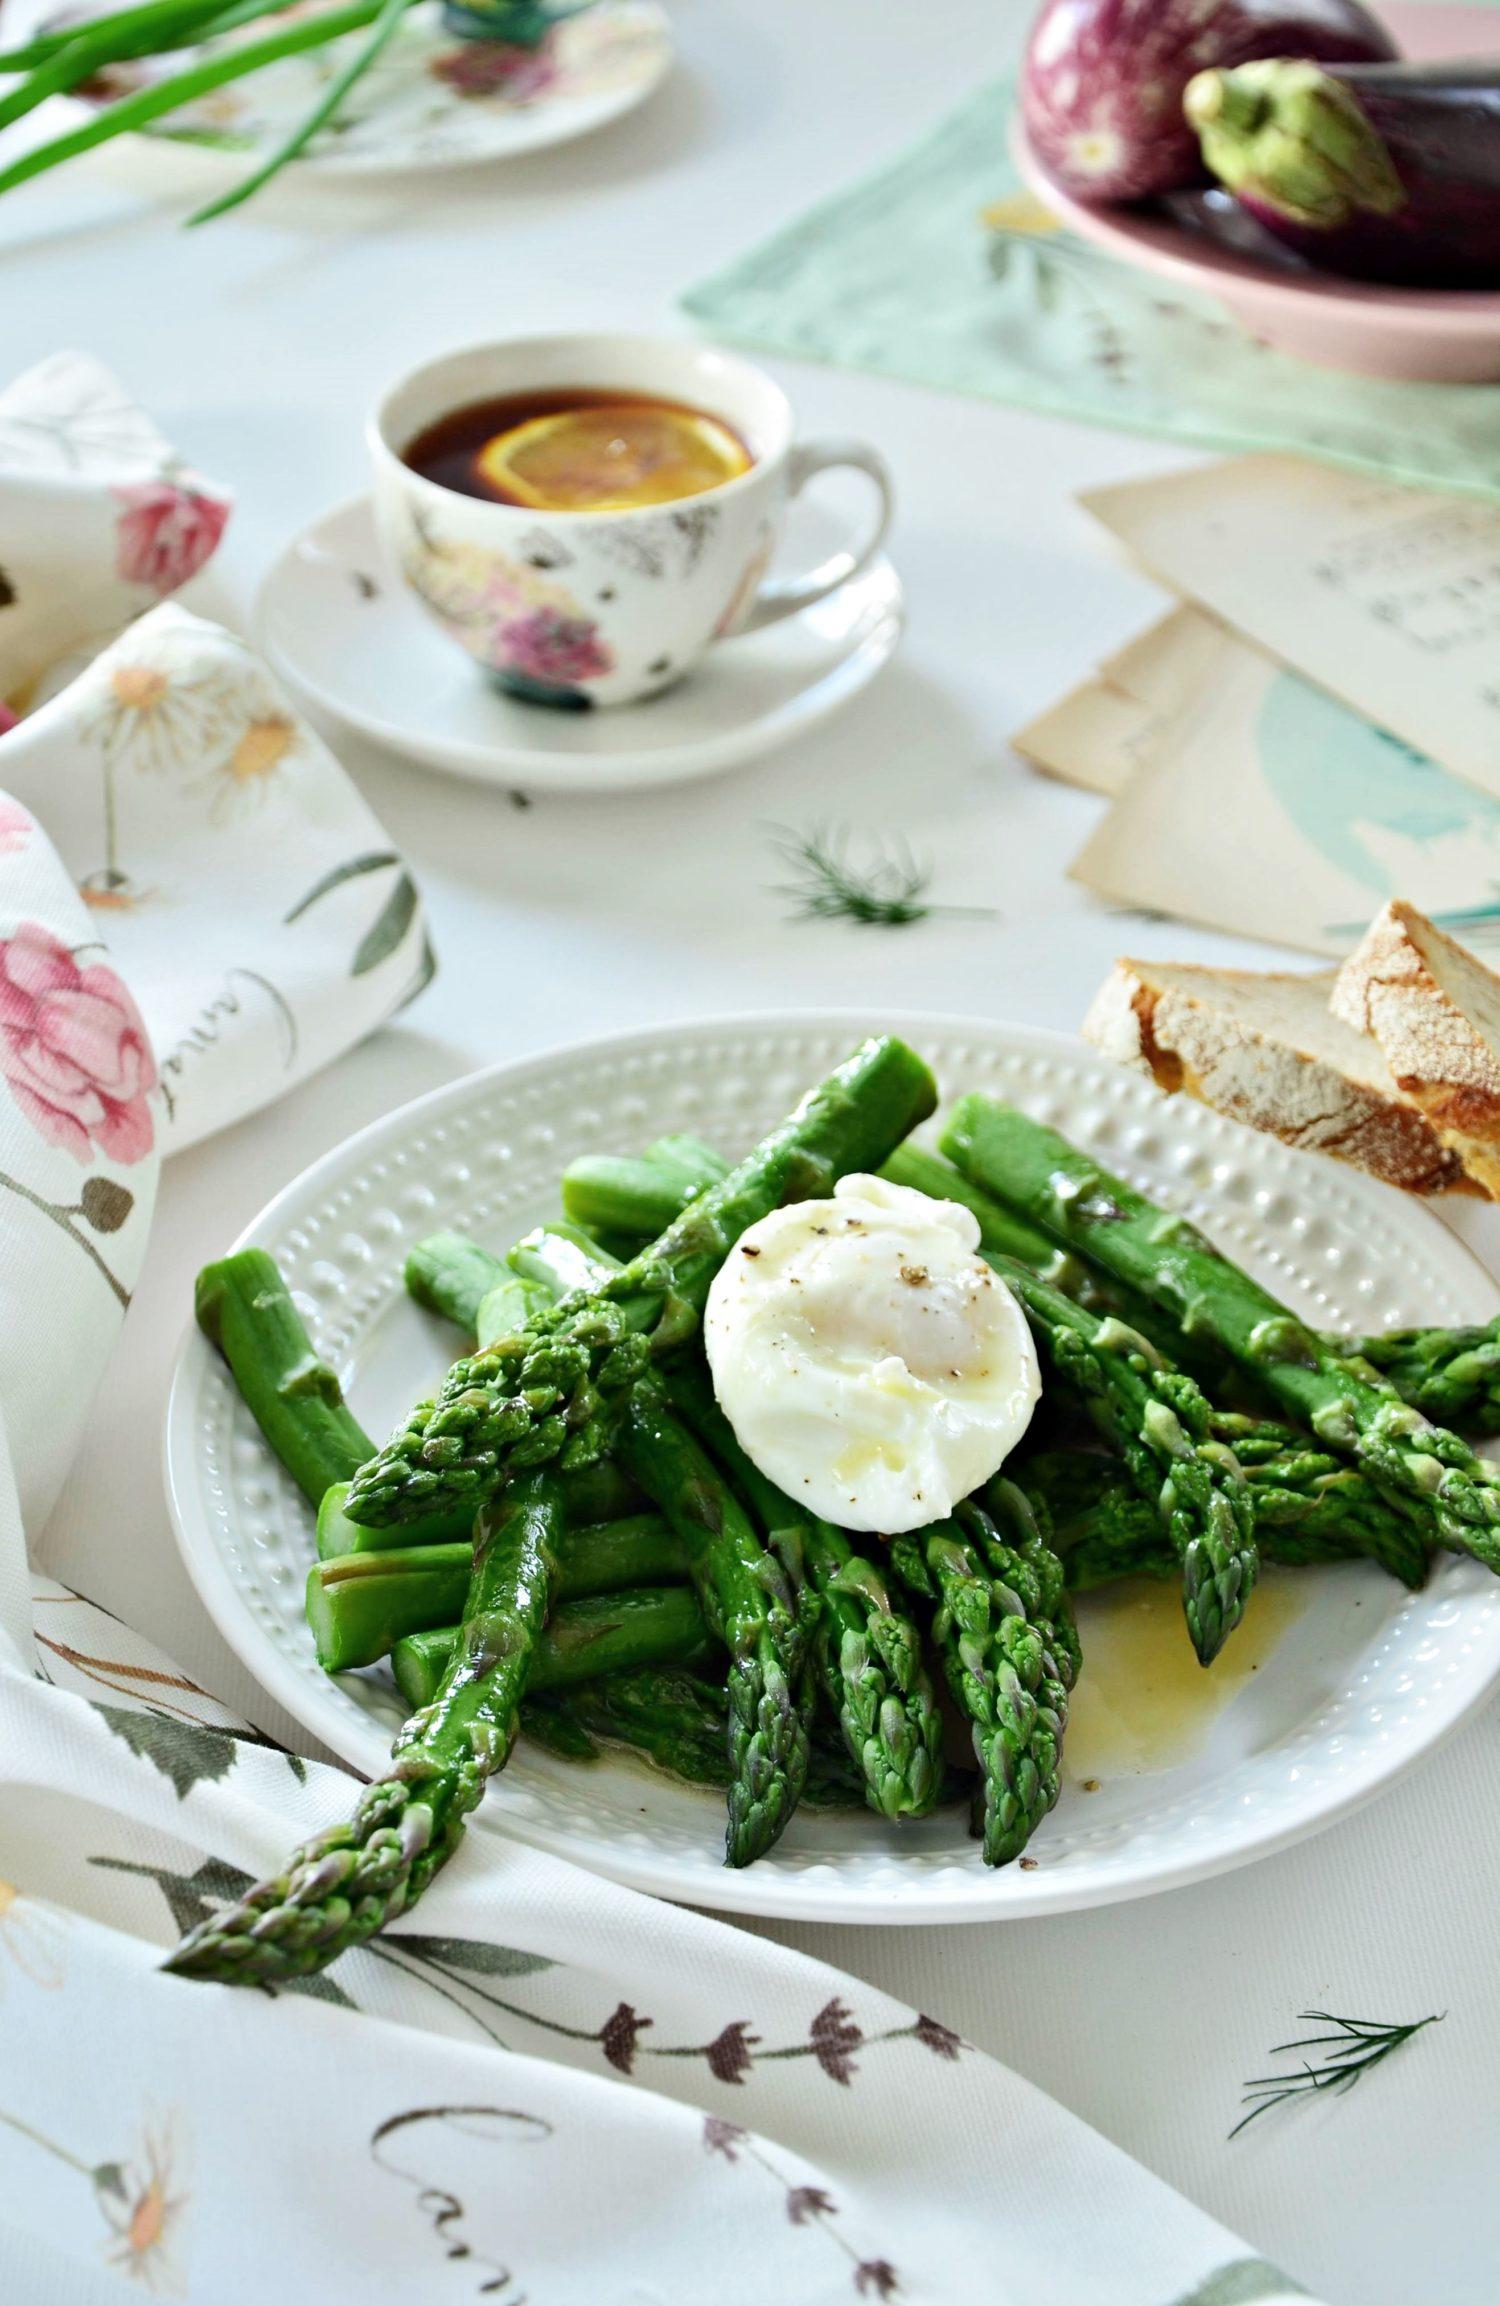 Szparagi plus jajko. Idealne proste i zdrowe śniadanie.